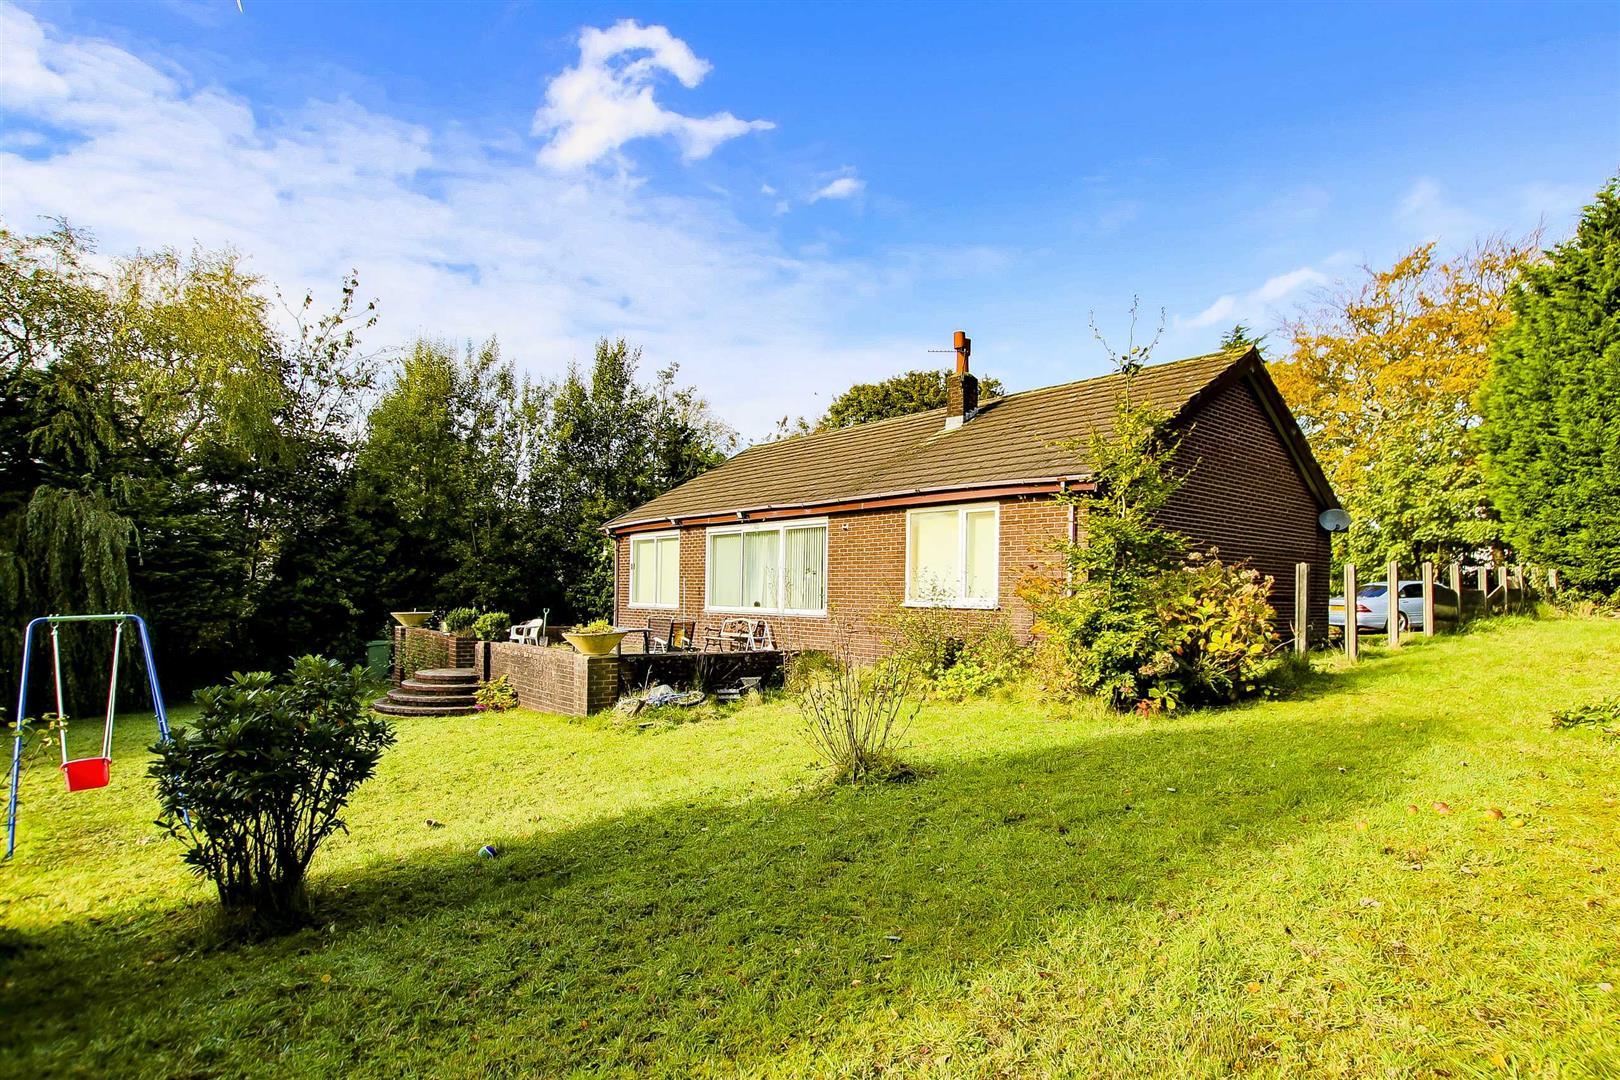 5 Bedroom Building Plot Land For Sale - Image 5